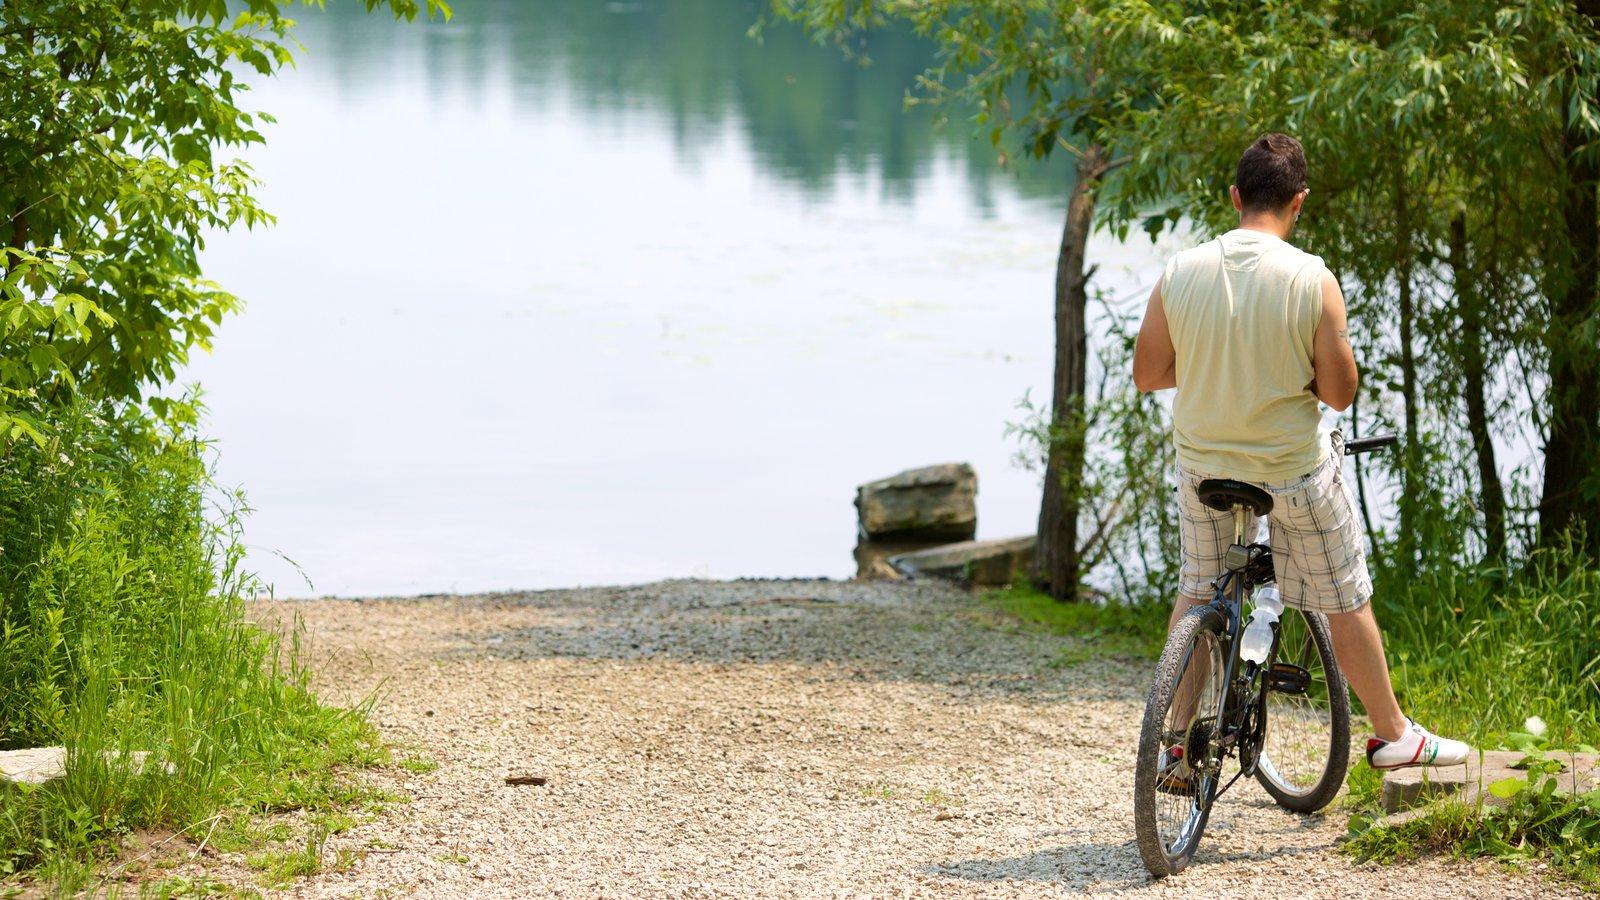 Richmond Hill mostrando ciclismo e um lago ou charco assim como um homem sozinho